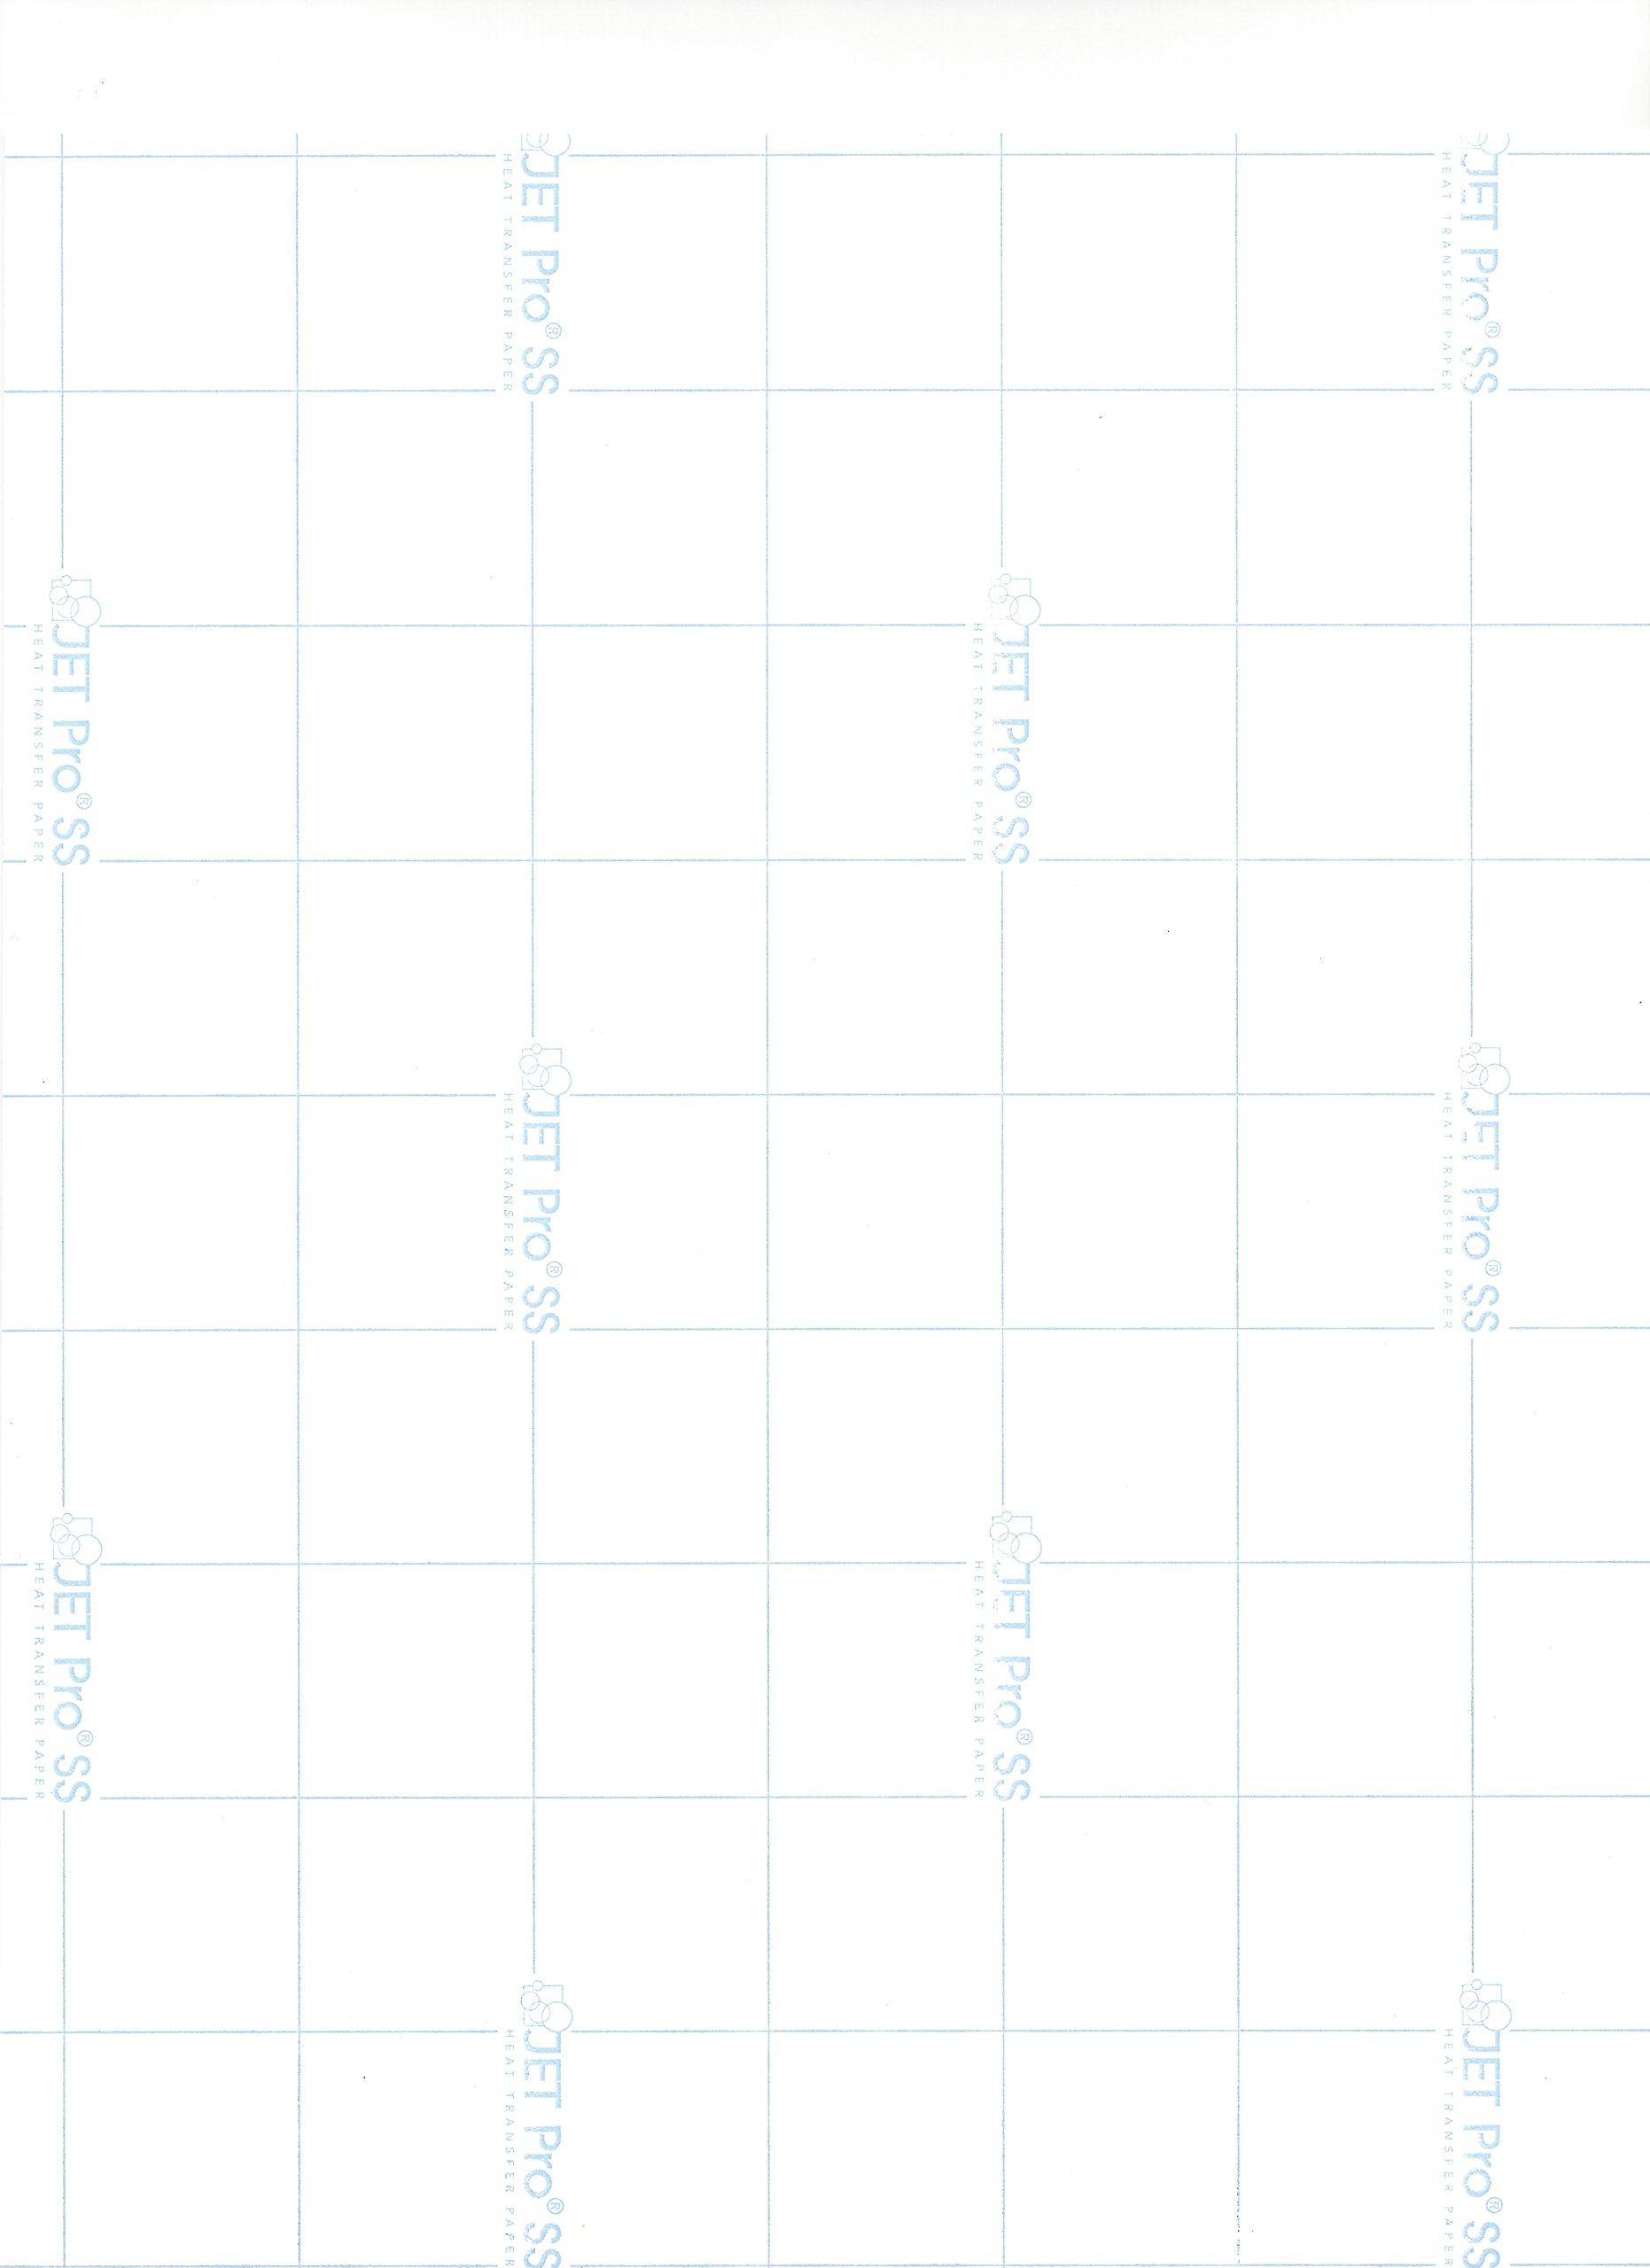 500 SHEETS IRON ON TRANSFER PAPER / JET-PRO SofStretch JETPRO SS bulk by  (Image #2)